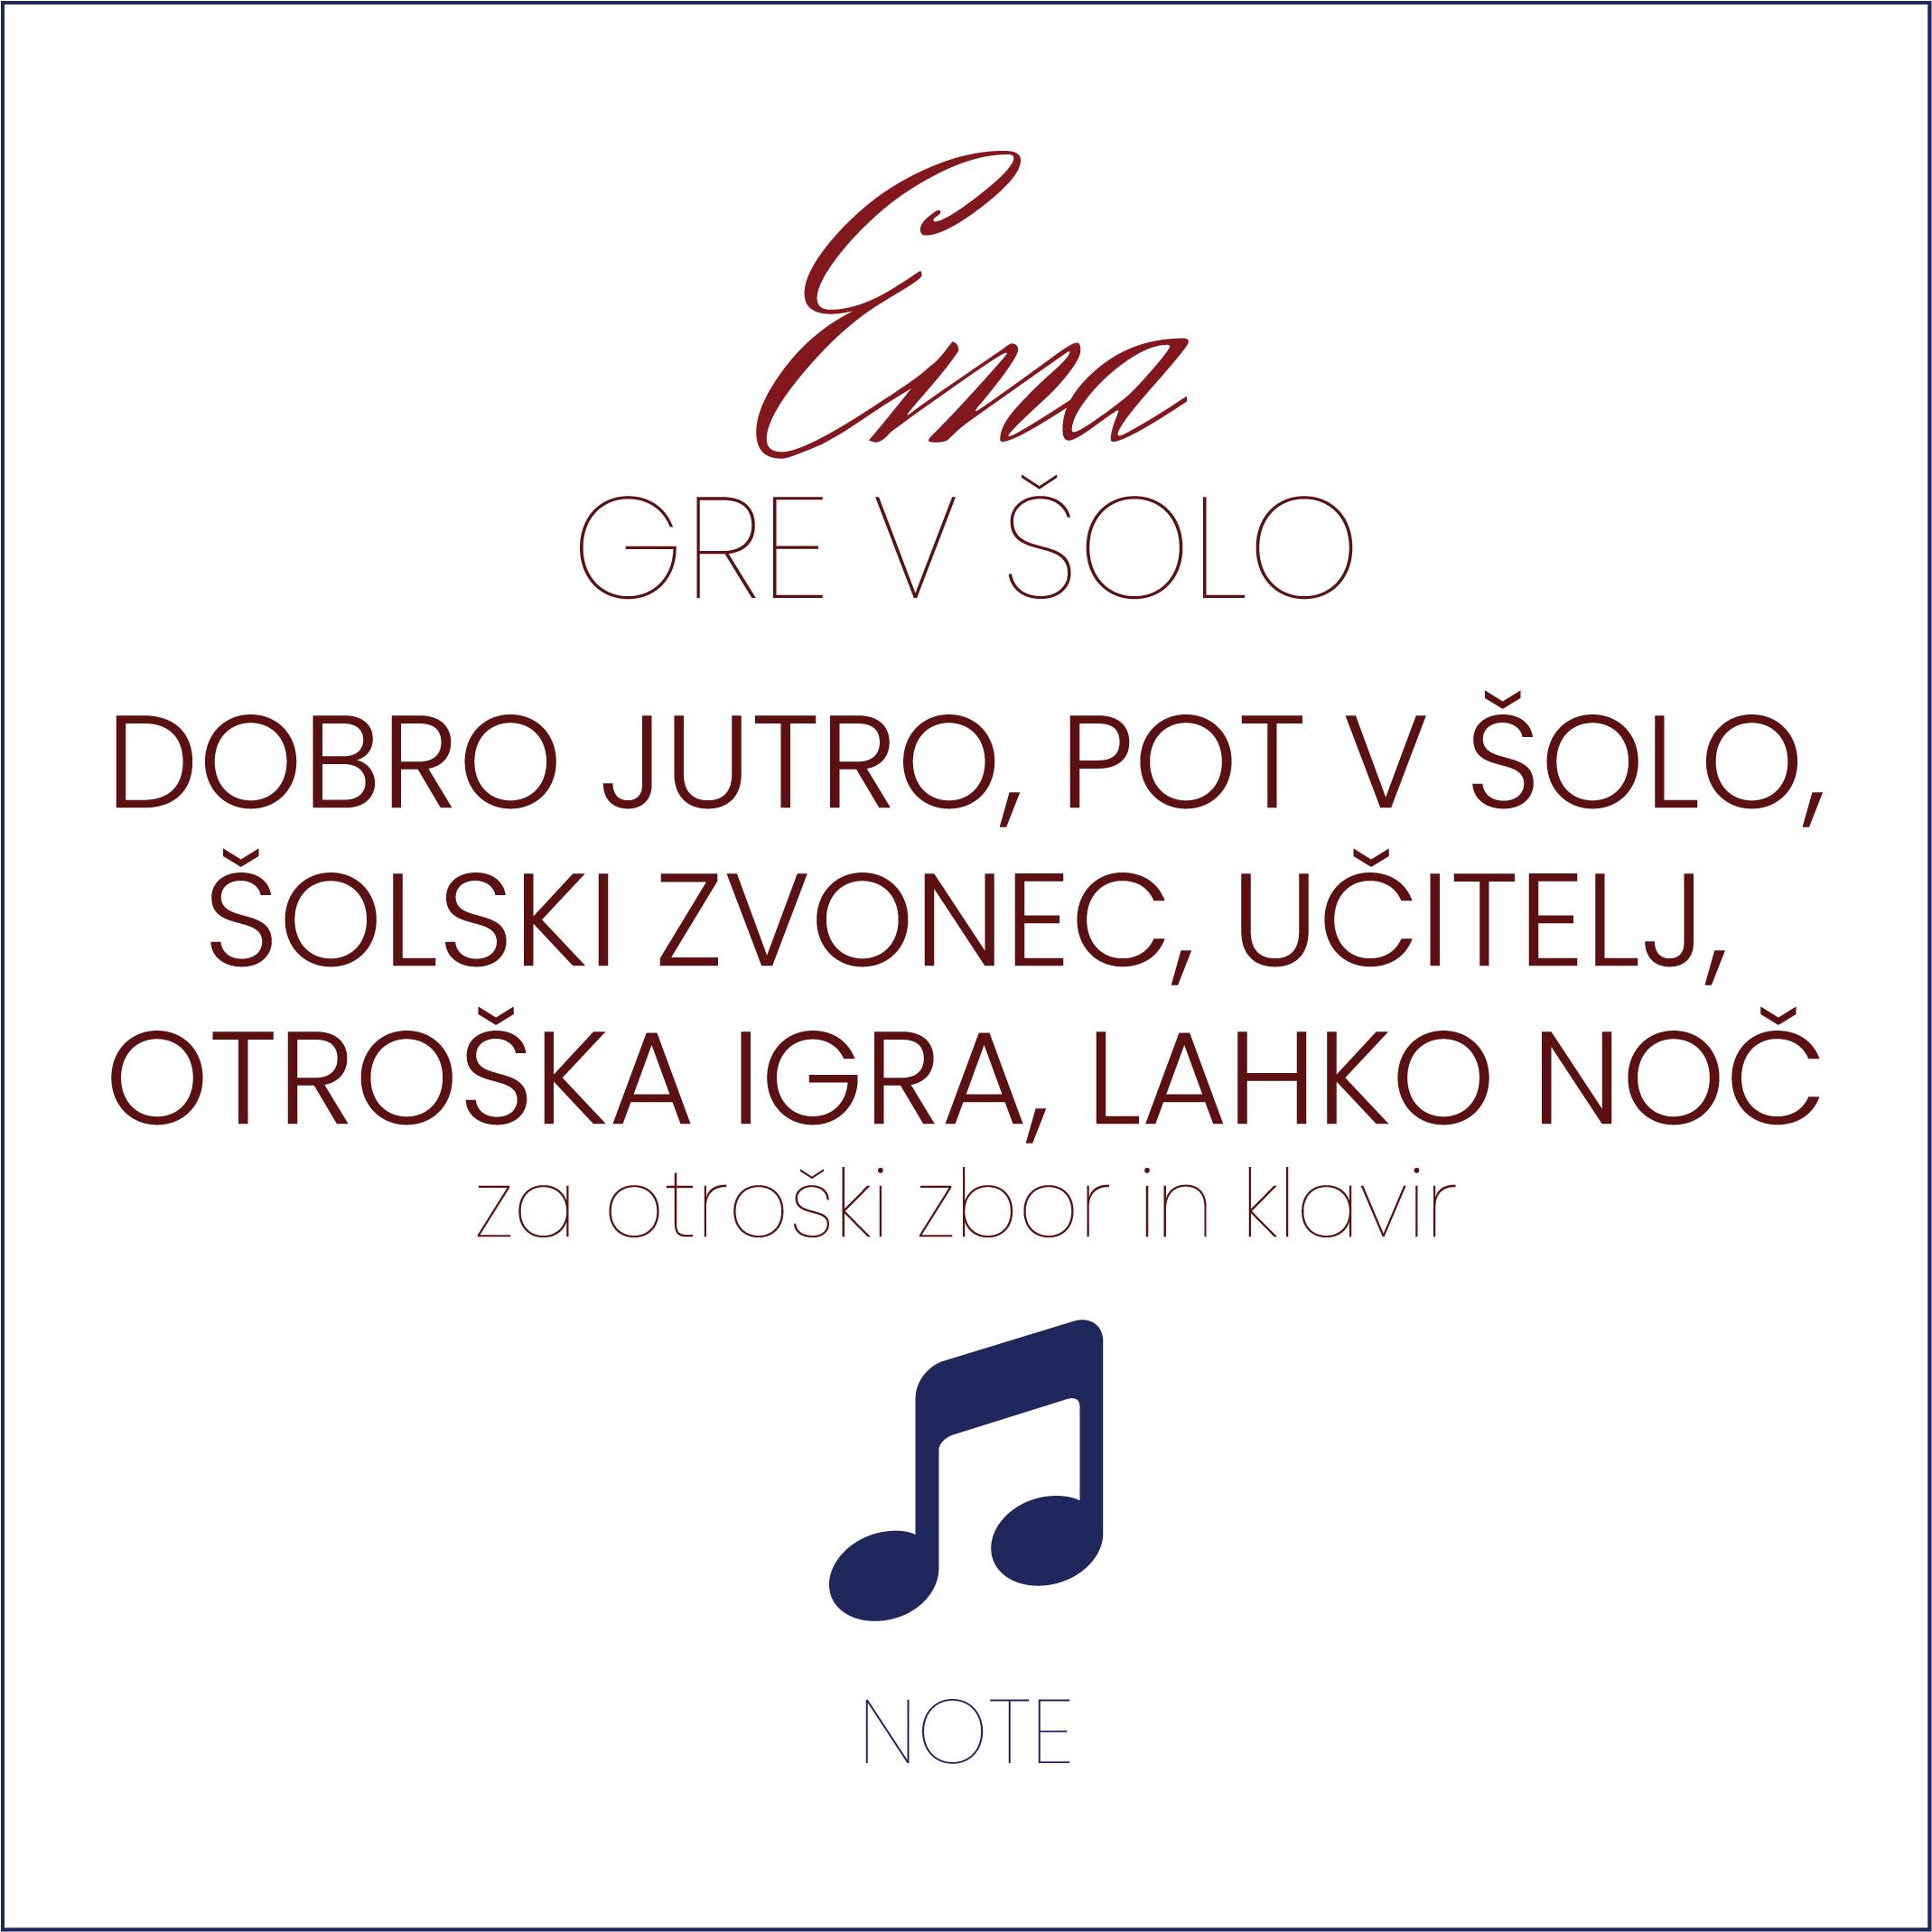 NOTE: zbirka otroških pesmic Ema gre v šolo (za otroški pevski zbor in klavir)